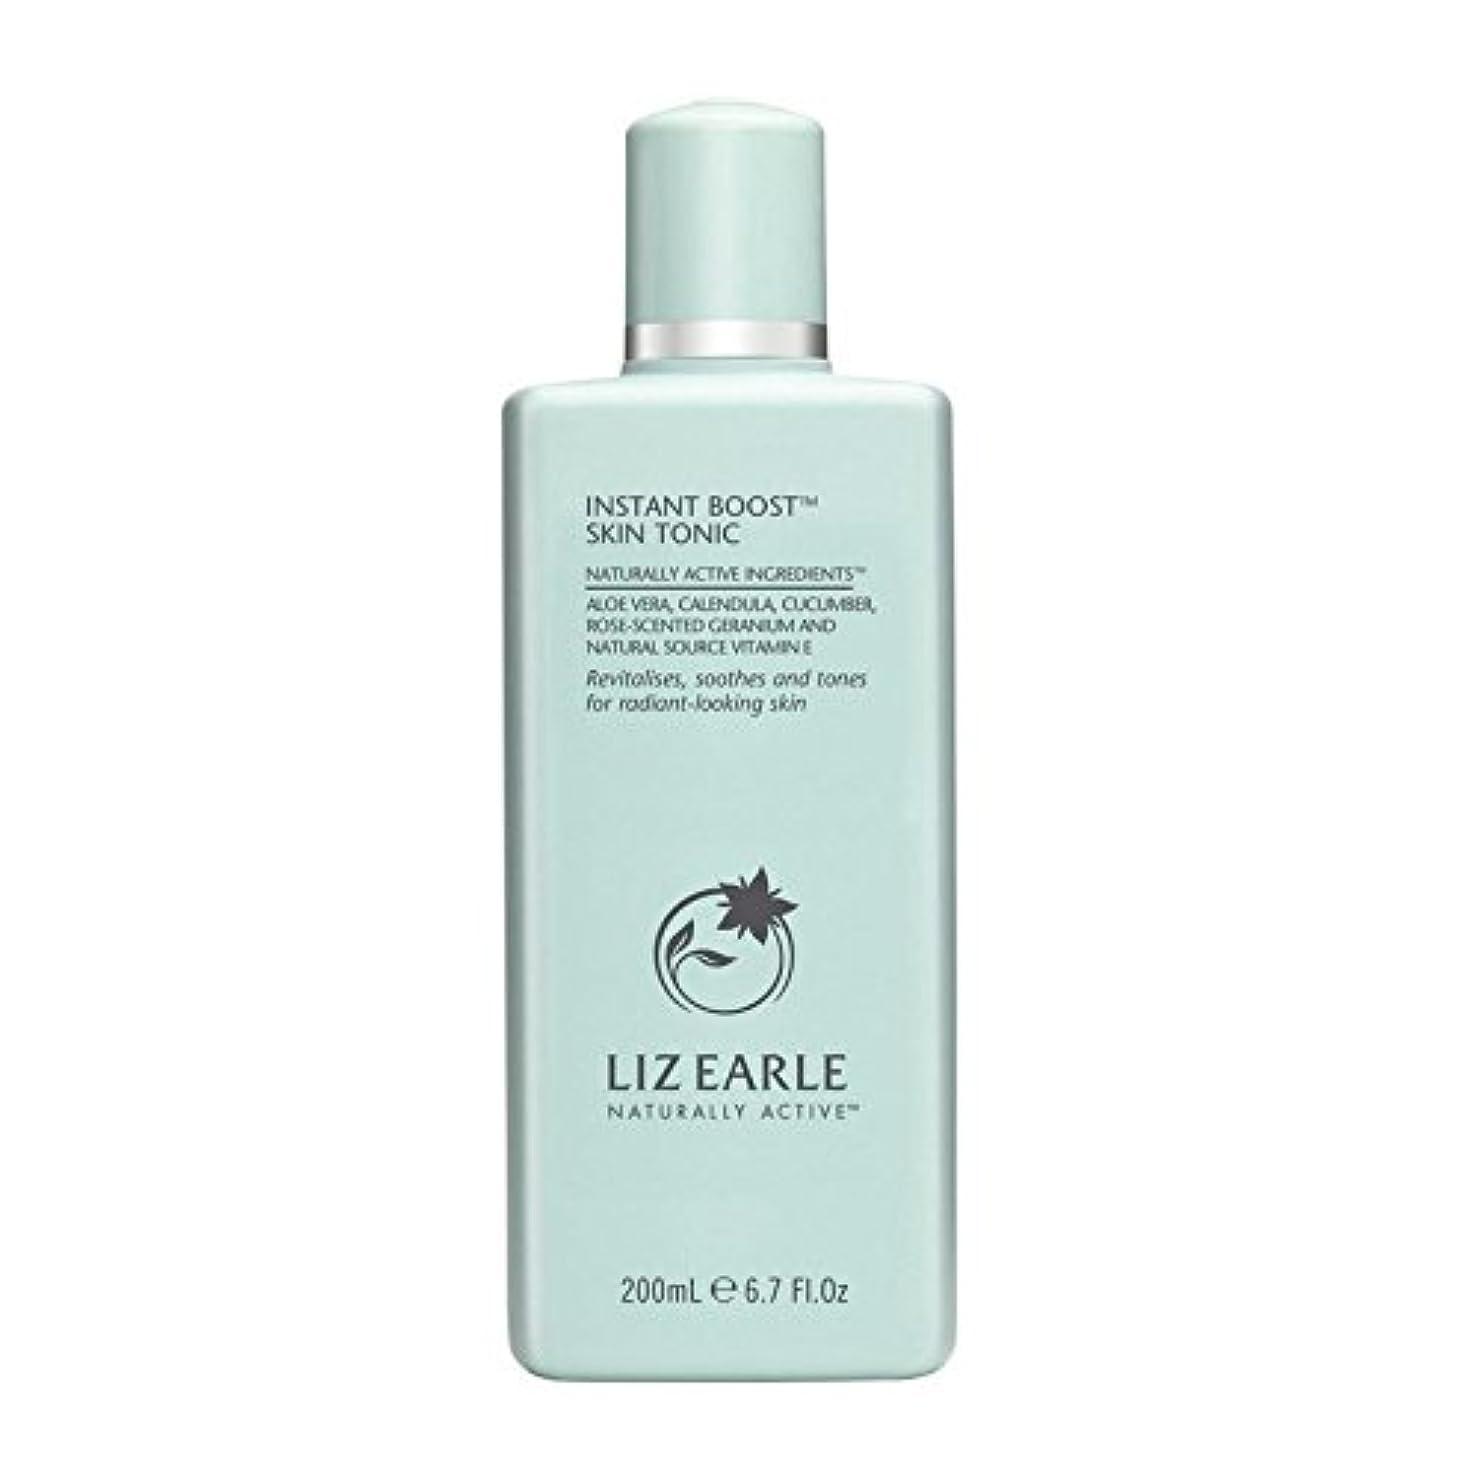 嬉しいですフィットネスコーナーリズアールインスタントブーストスキントニックボトル200ミリリットル x2 - Liz Earle Instant Boost Skin Tonic Bottle 200ml (Pack of 2) [並行輸入品]